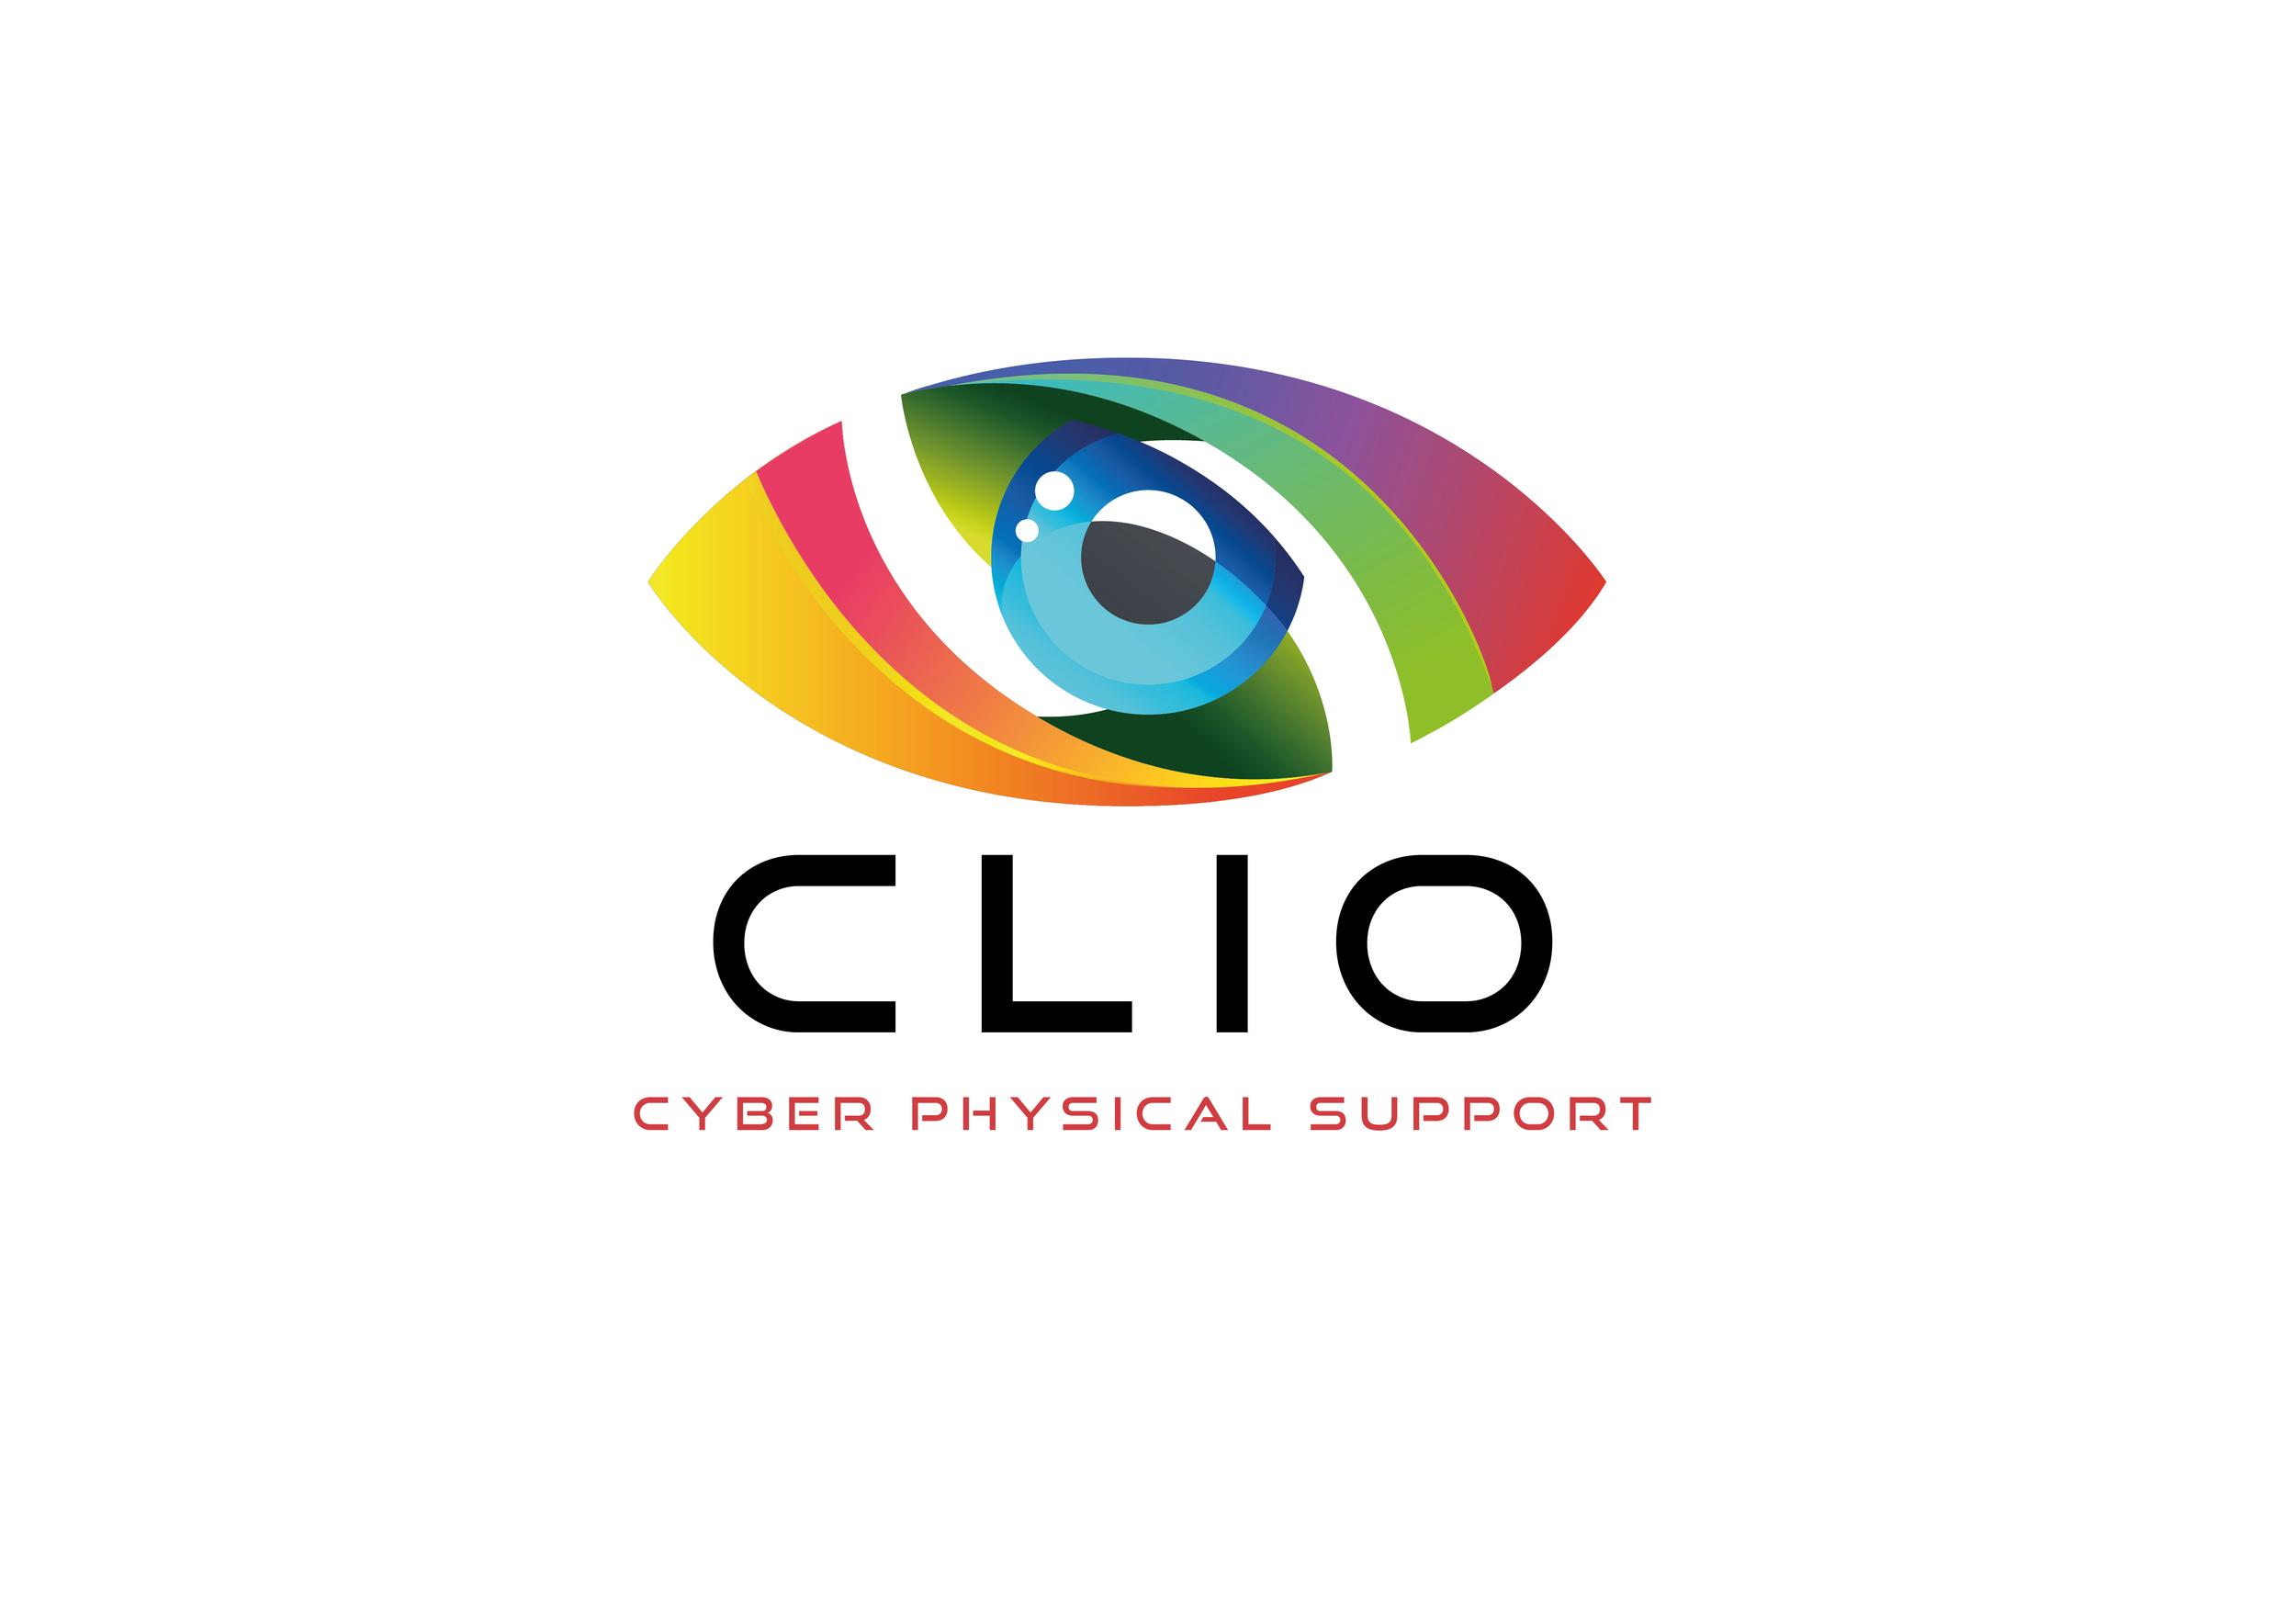 CLIO, Closed Loop Interlock Oncology - Il primo sistema di supporto decisionale cyber fisico in tempo reale.CLIO è un sistema di supporto decisionale in tempo reale dedicato all'Oncologia, che consente l'ottimizzazione e la personalizzazione della terapia farmacologica un grazie a funzioni evolute di monitoraggio automatico.Il sistema è integrato con la piattaforma OMM, e prevede l'interazione con l'operatore mediante un terminale touch screen collegato a tutti i sistemi informativi e a tutti i dispositivi medicali in grado di fornire informazioni sul paziente e sullo stato delle somministrazioni.Visita www.medarchiver.com/clio